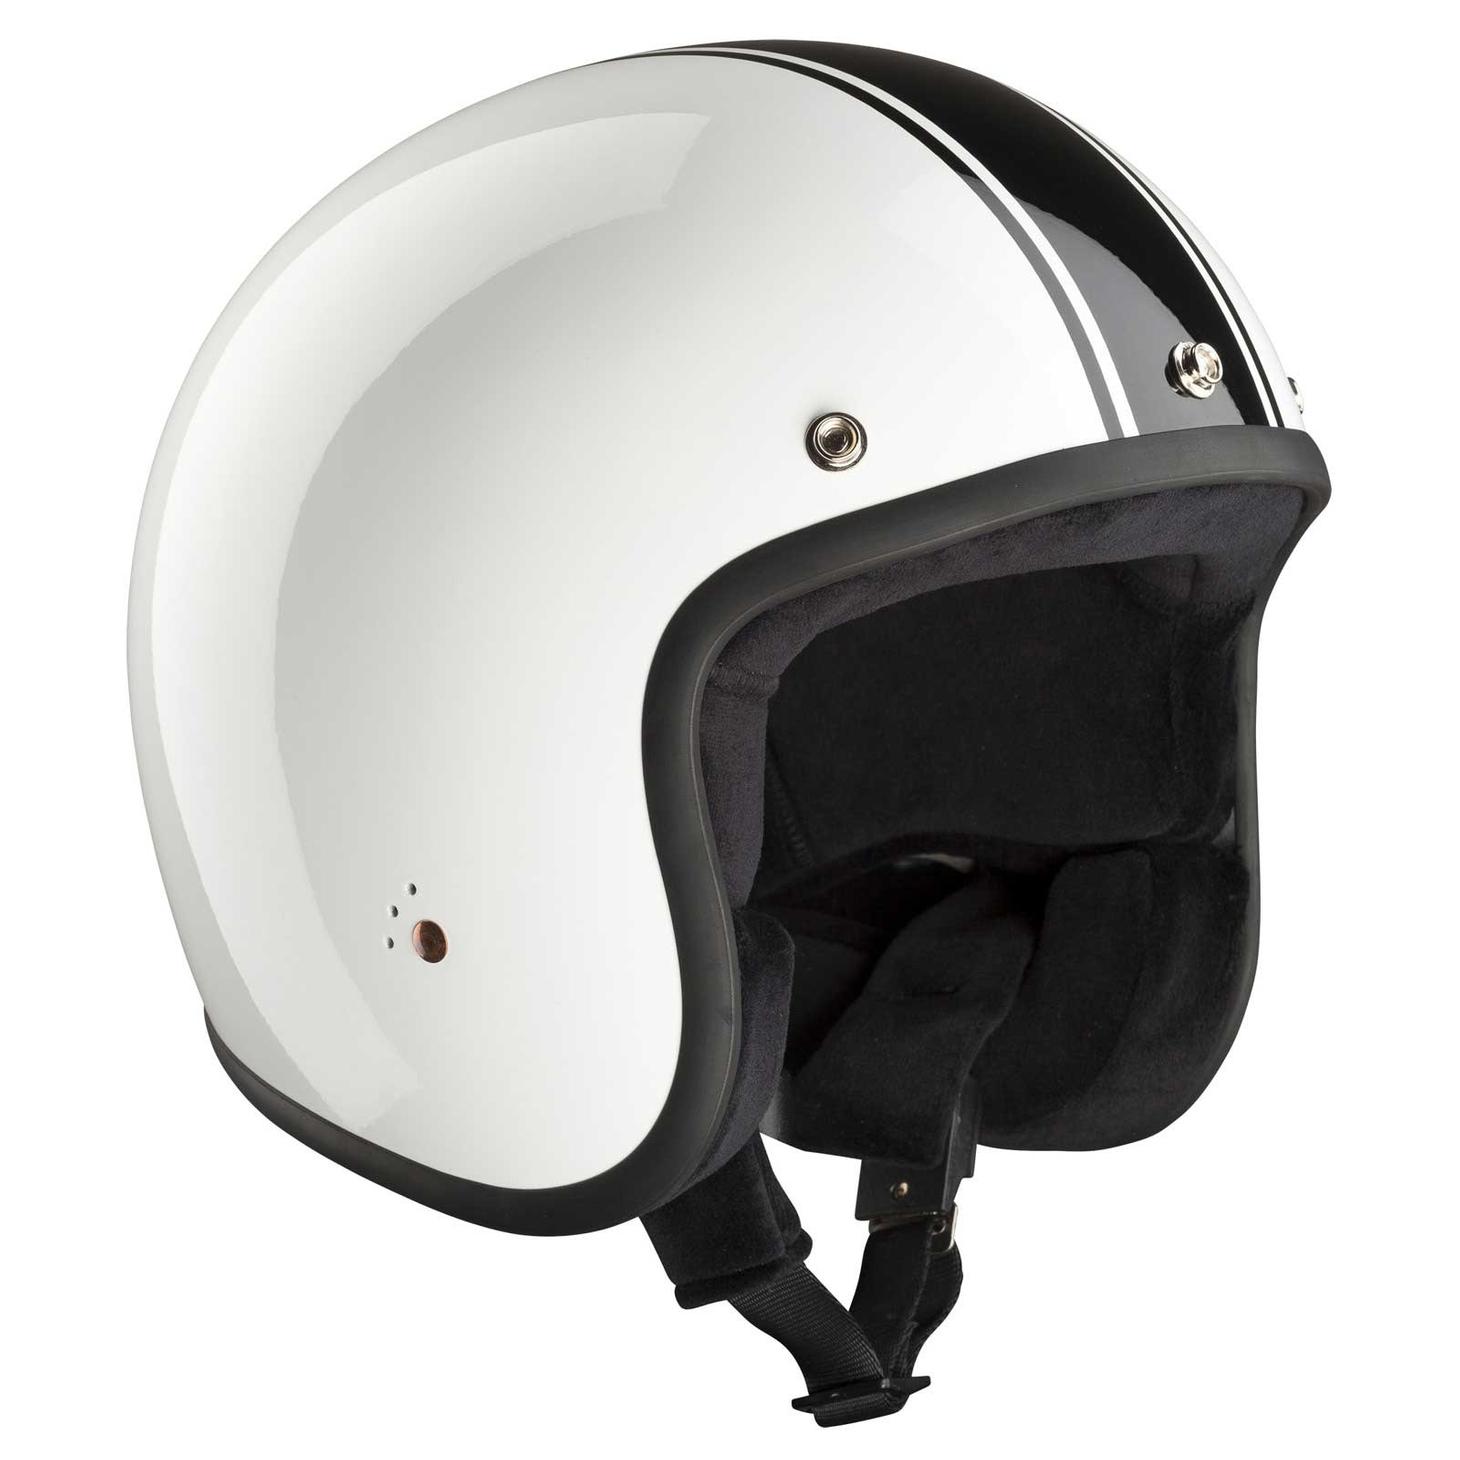 Bandit Mini ECE Jet Helmet - ECE 22-05 Certified Motorcycle Helmet – Picture 4